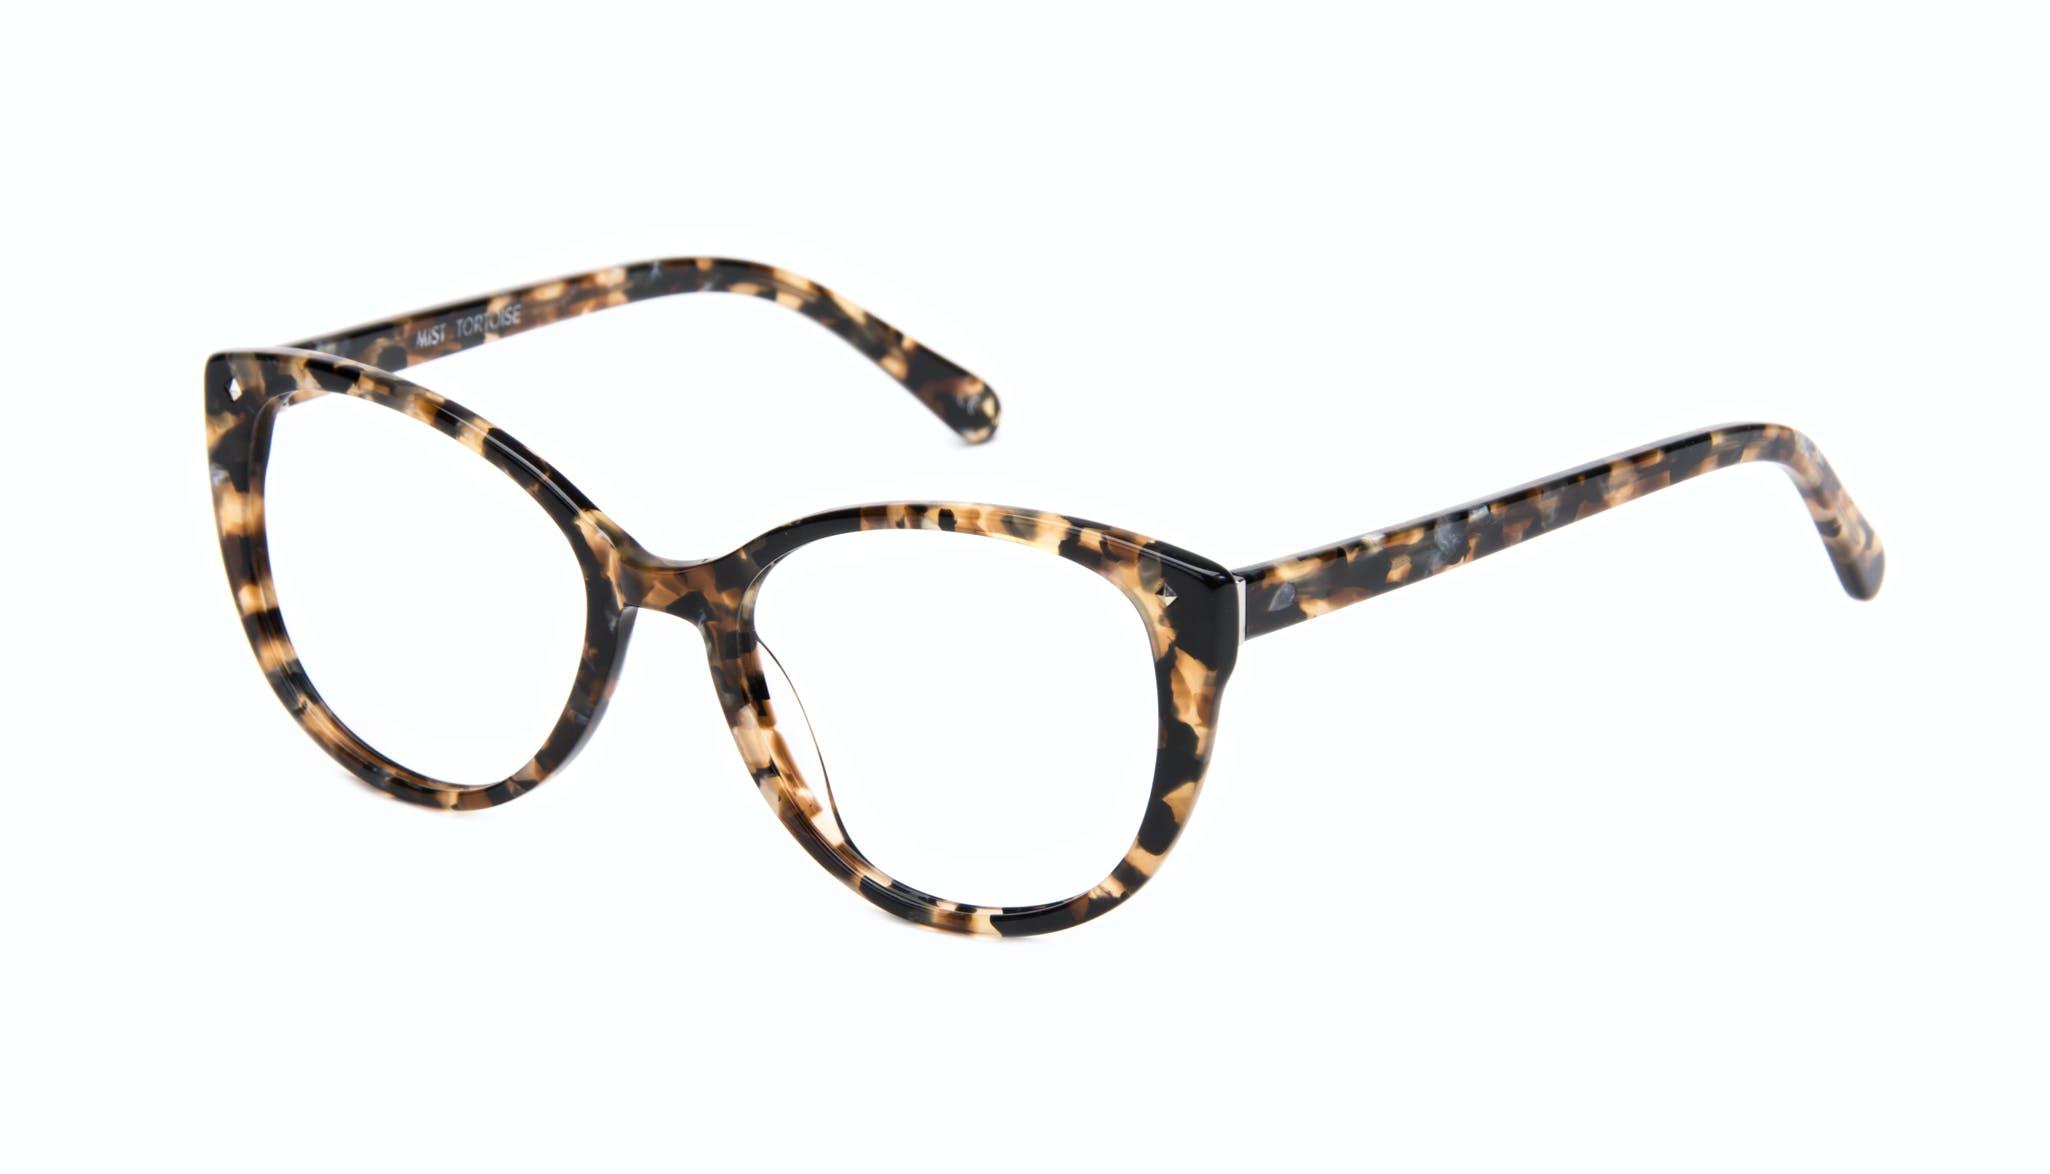 Affordable Fashion Glasses Cat Eye Eyeglasses Women Mist Tortoise Tilt